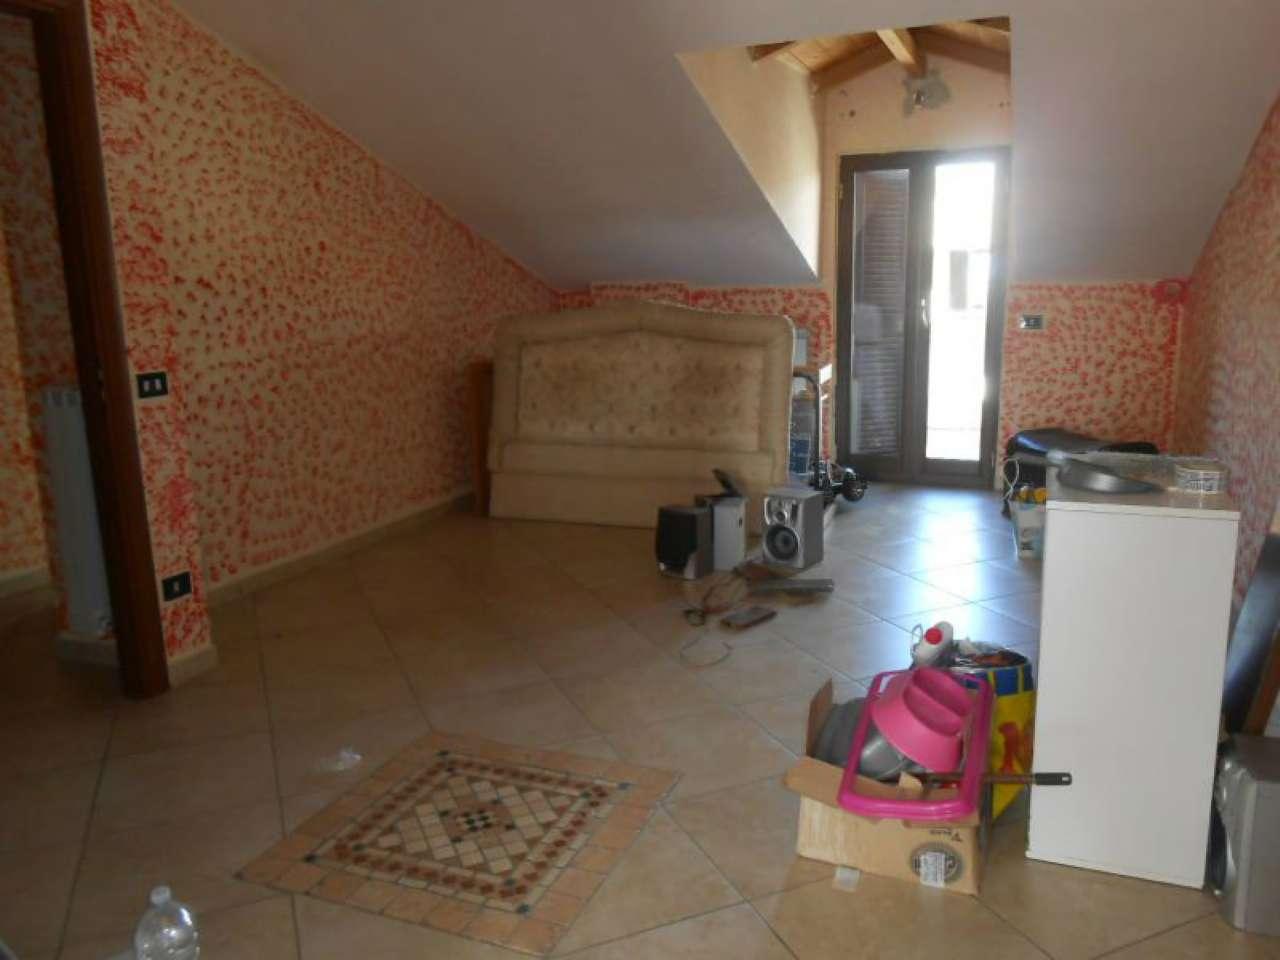 Appartamento in affitto a Giugliano in Campania, 7 locali, prezzo € 380 | CambioCasa.it